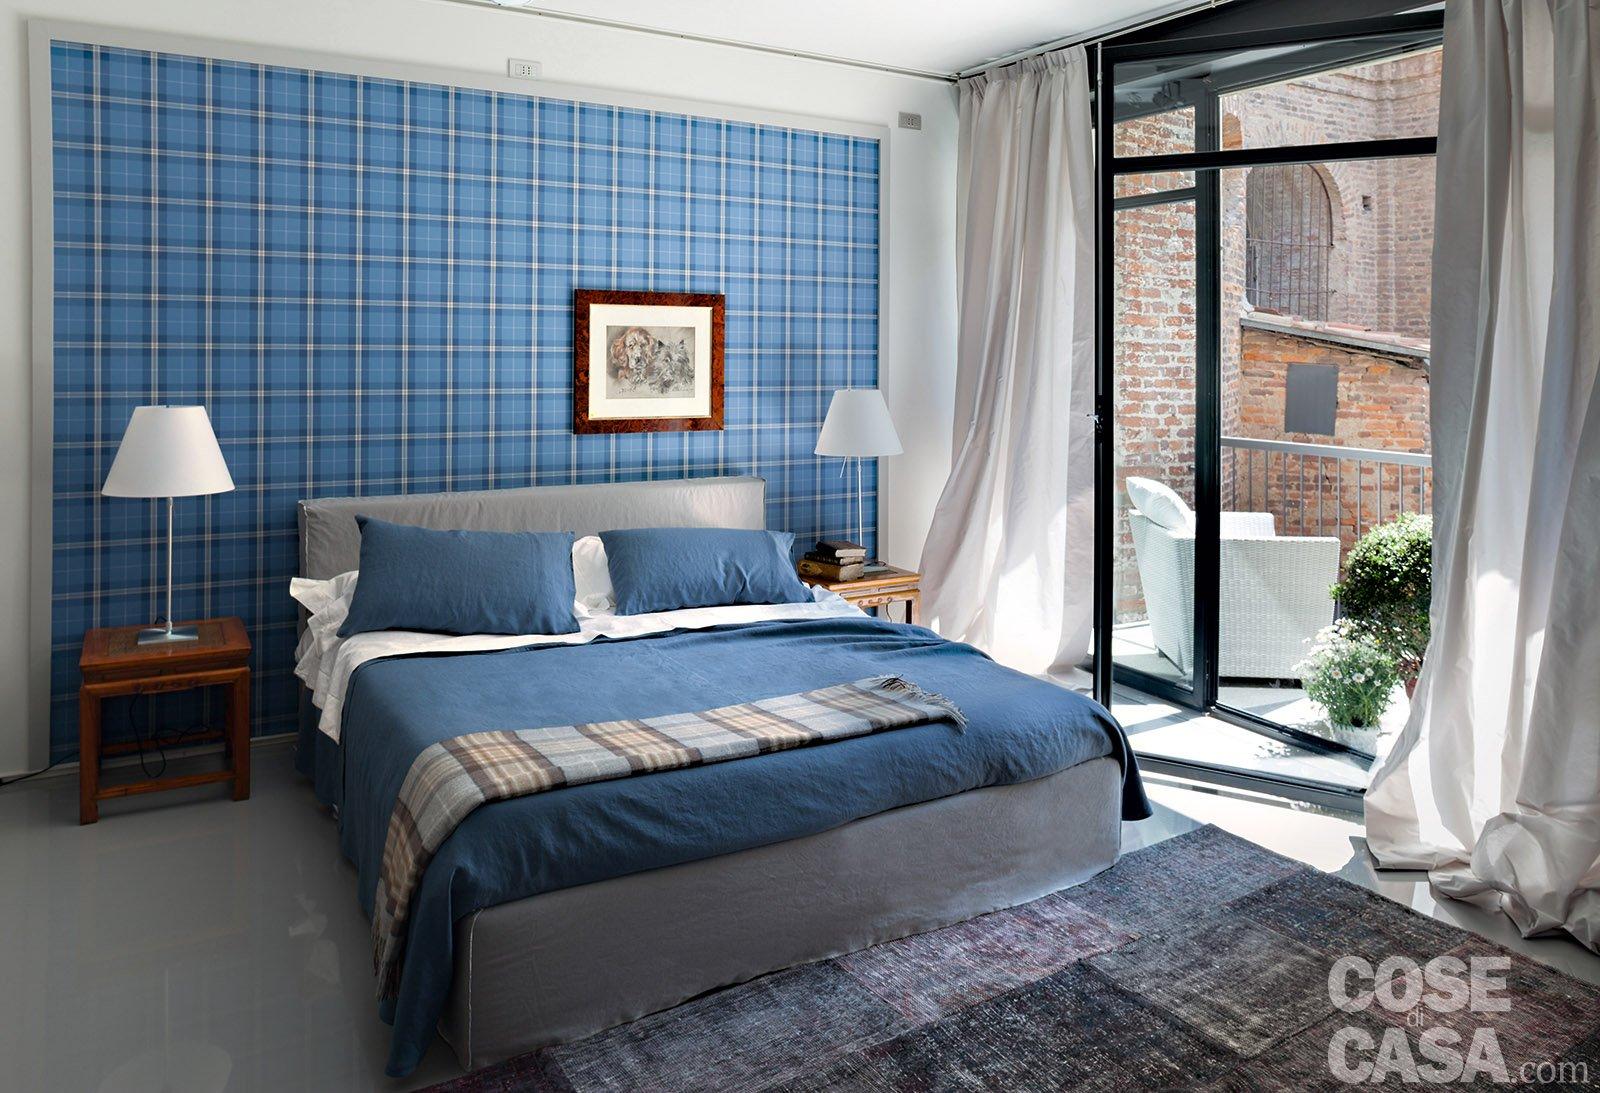 Decorazioni Camera Da Letto Ragazza : Decorare la camera ragazza idee camere da letto ragazza da